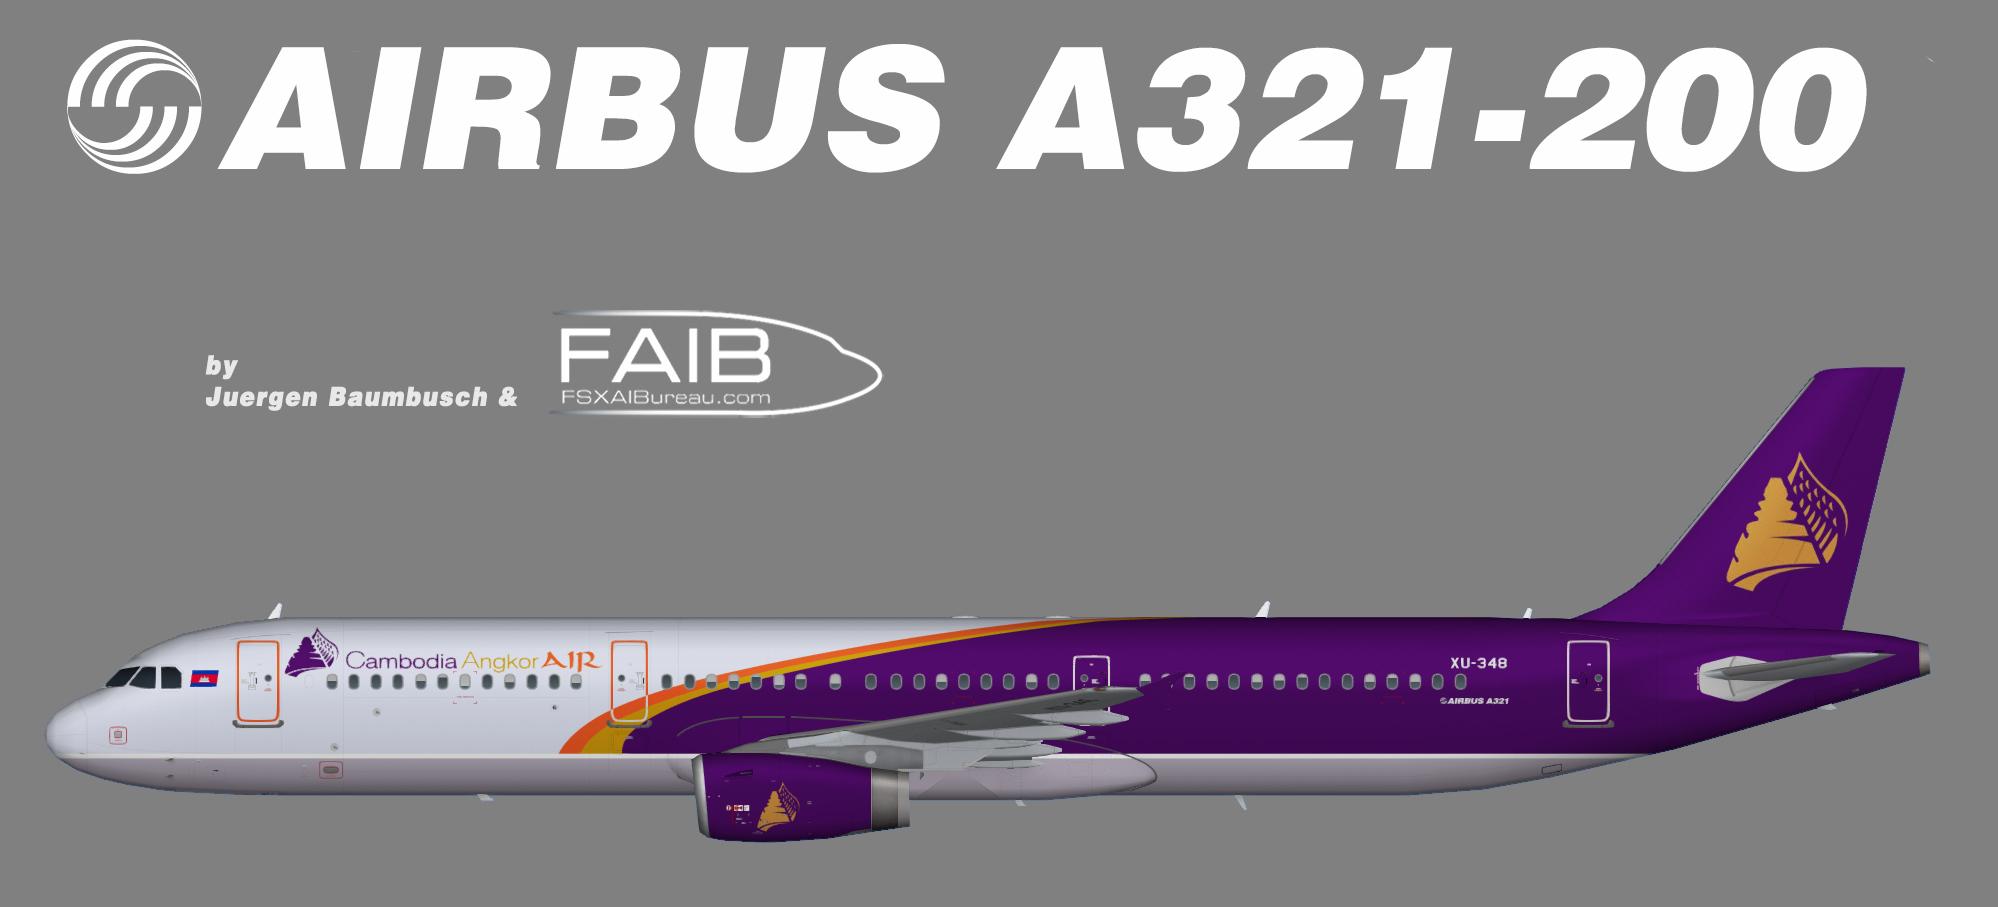 Cambodia Ankor Air Airbus A321